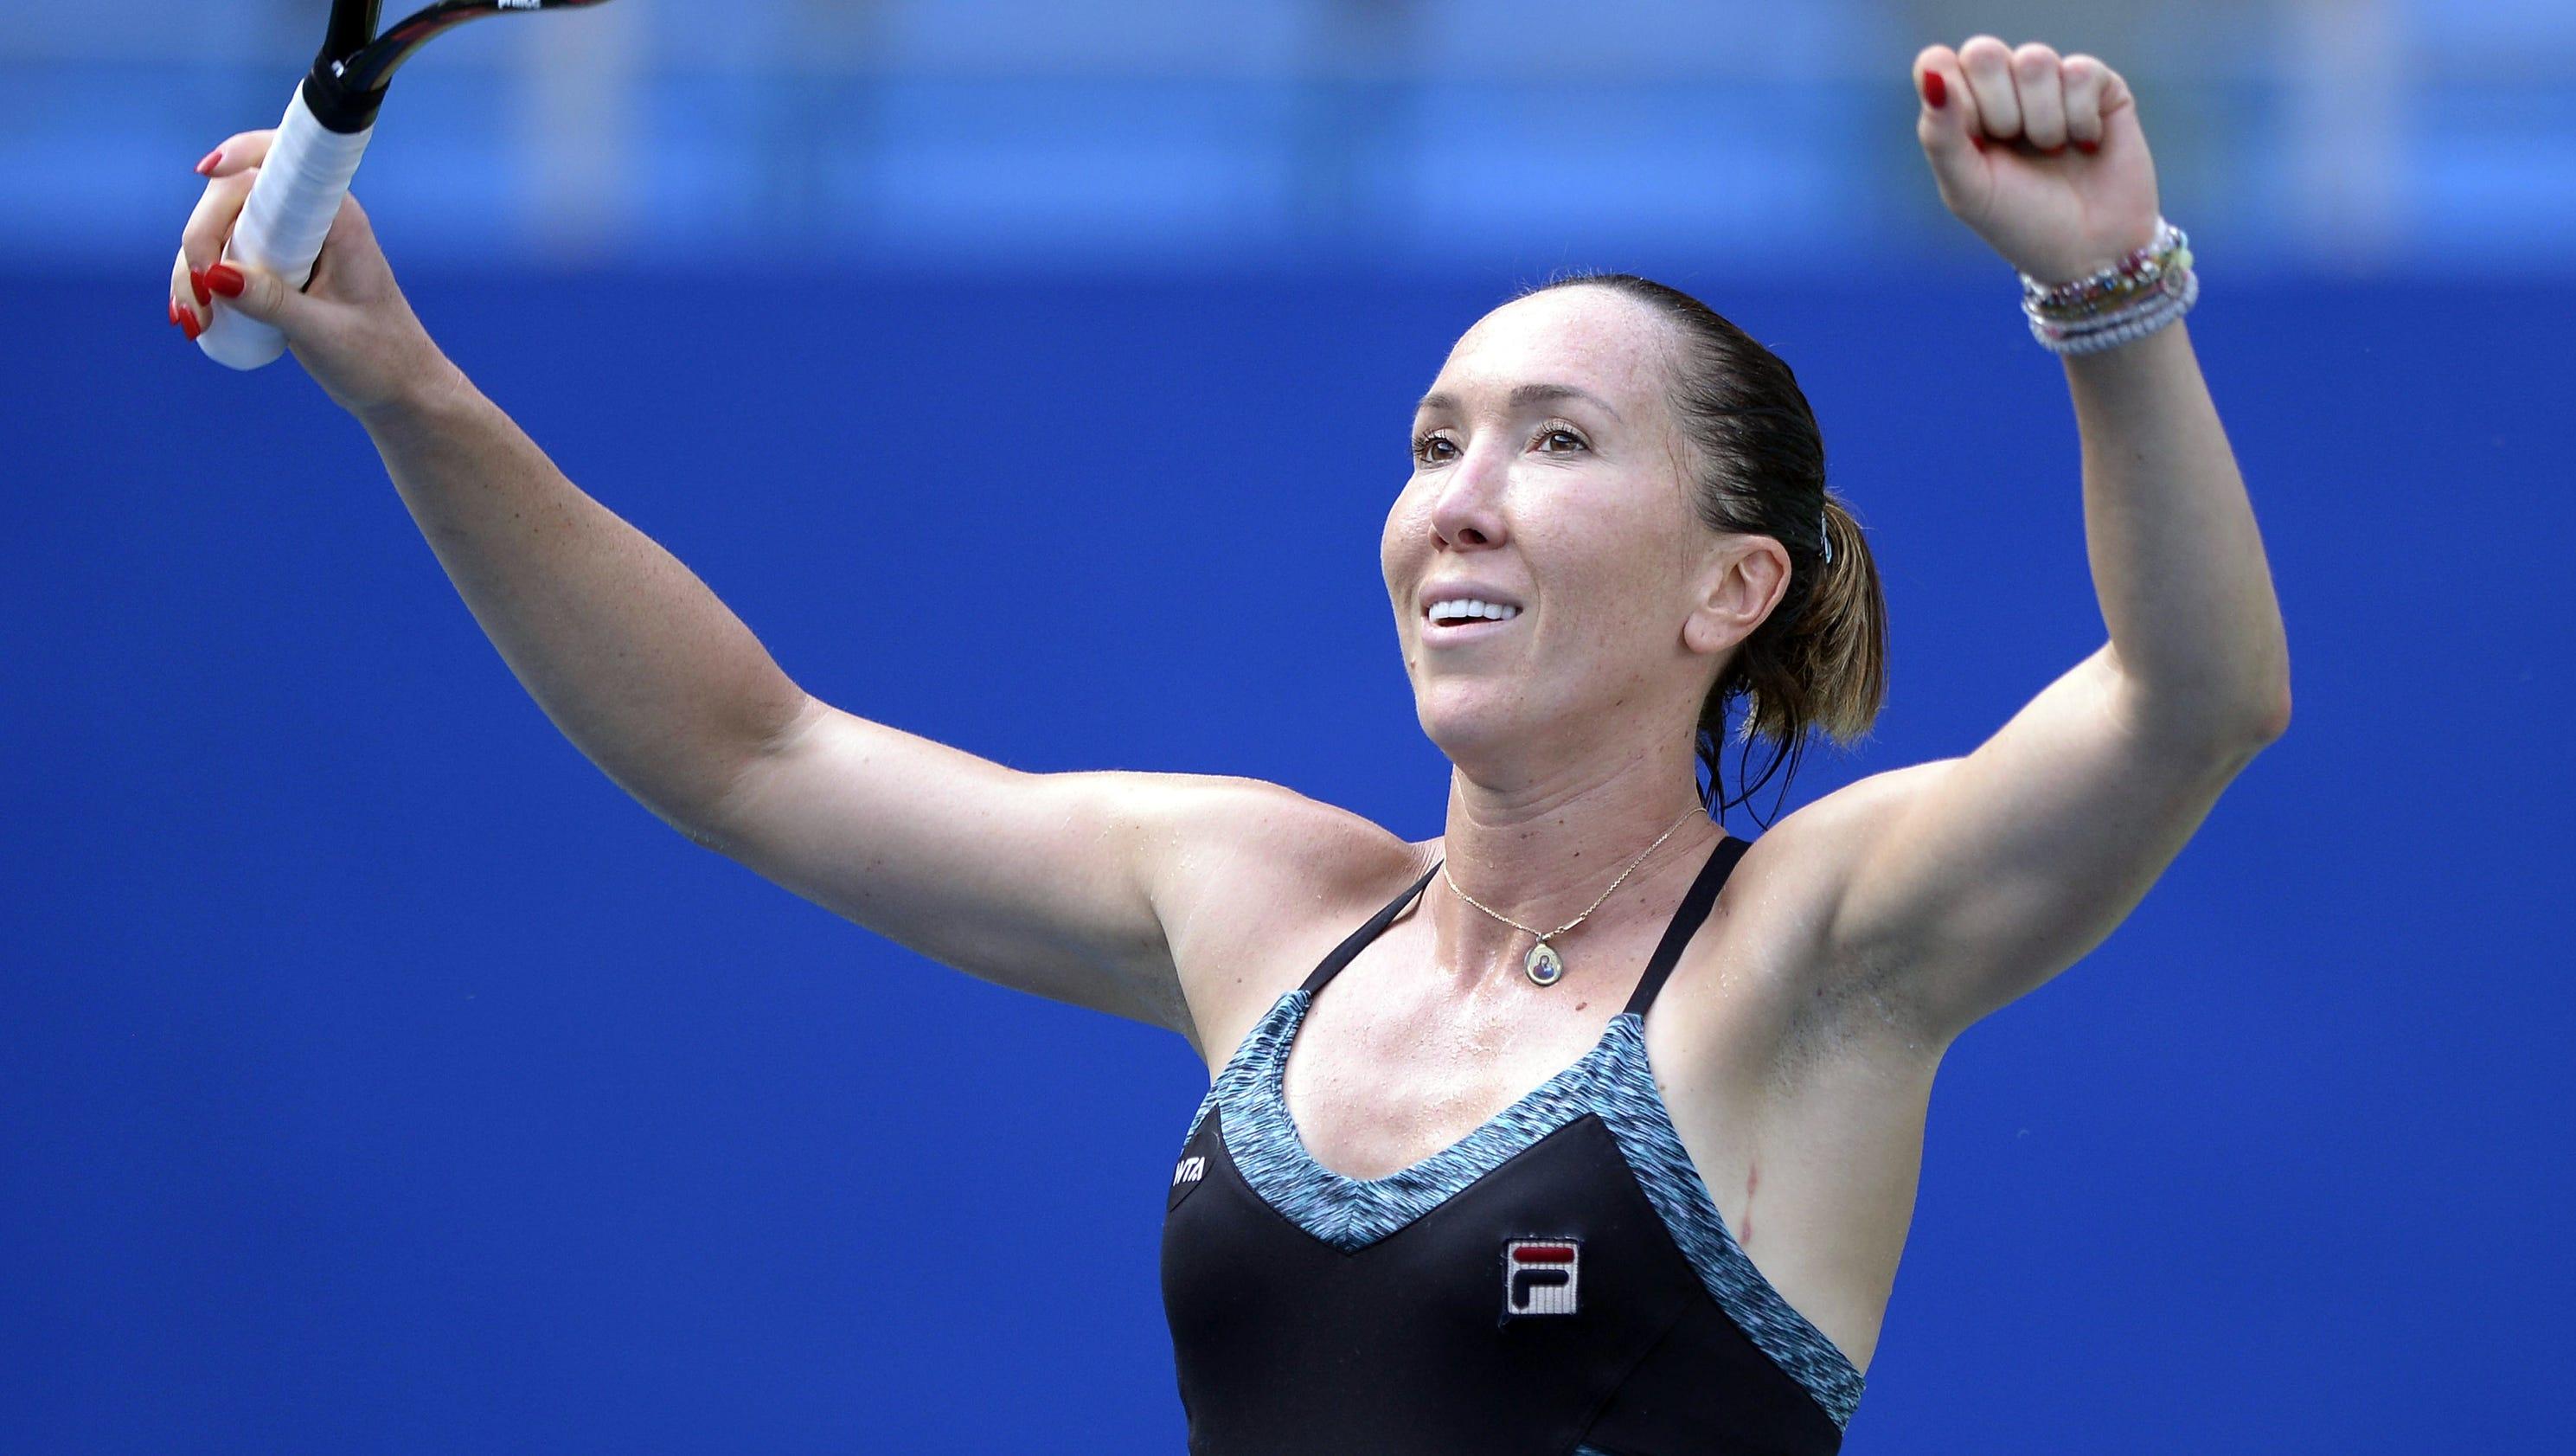 Jelena Jankovic Wins Guangzhou International Title Over